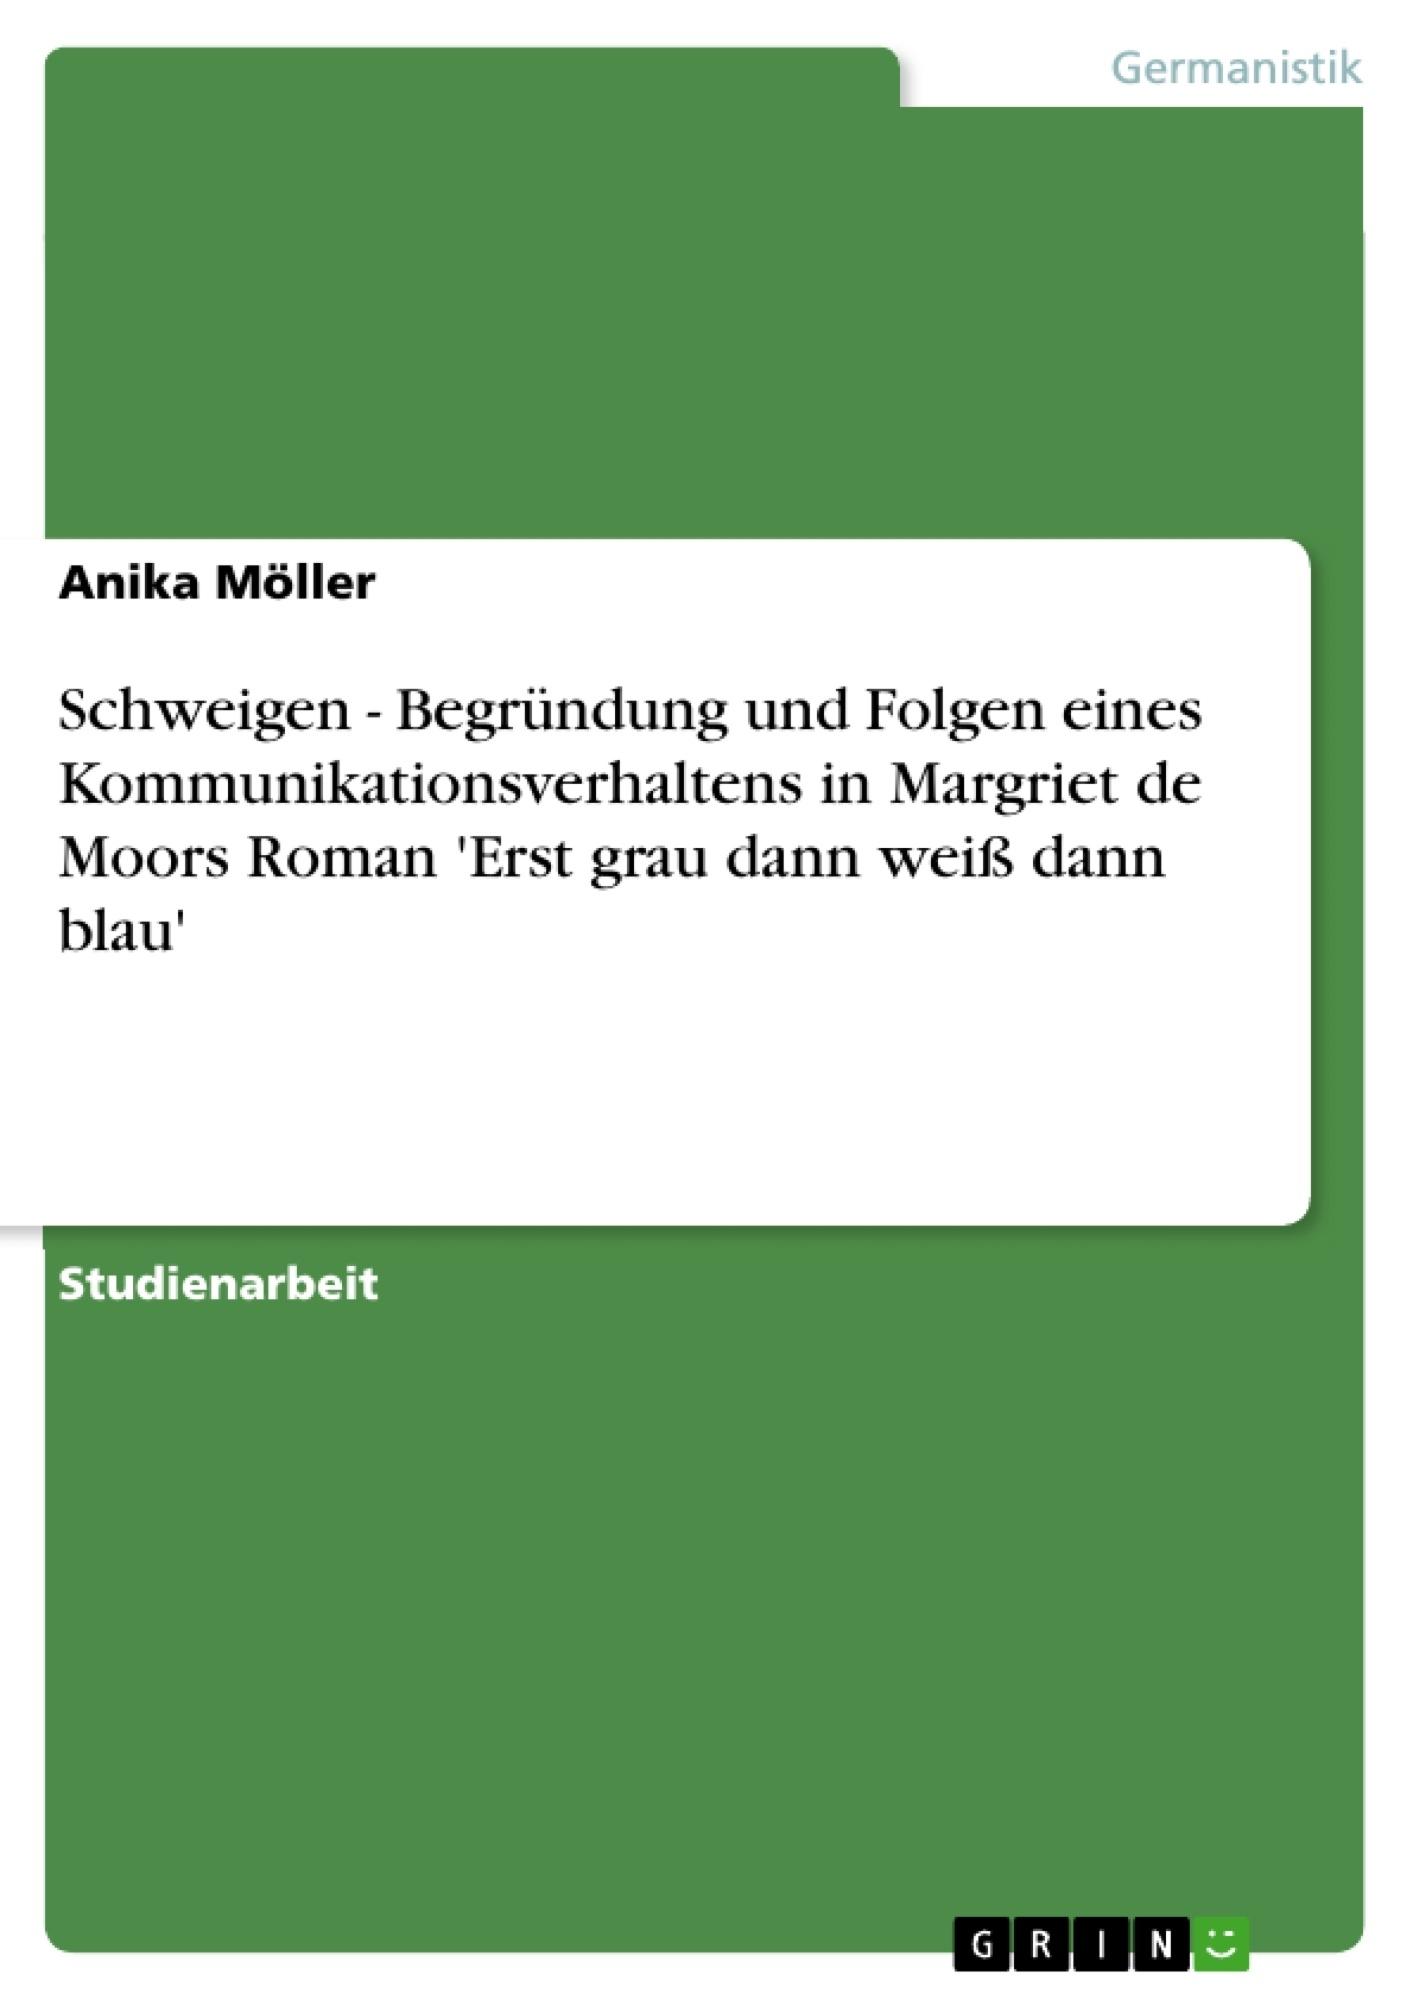 Titel: Schweigen - Begründung und Folgen eines Kommunikationsverhaltens in Margriet de Moors Roman 'Erst grau dann weiß dann blau'